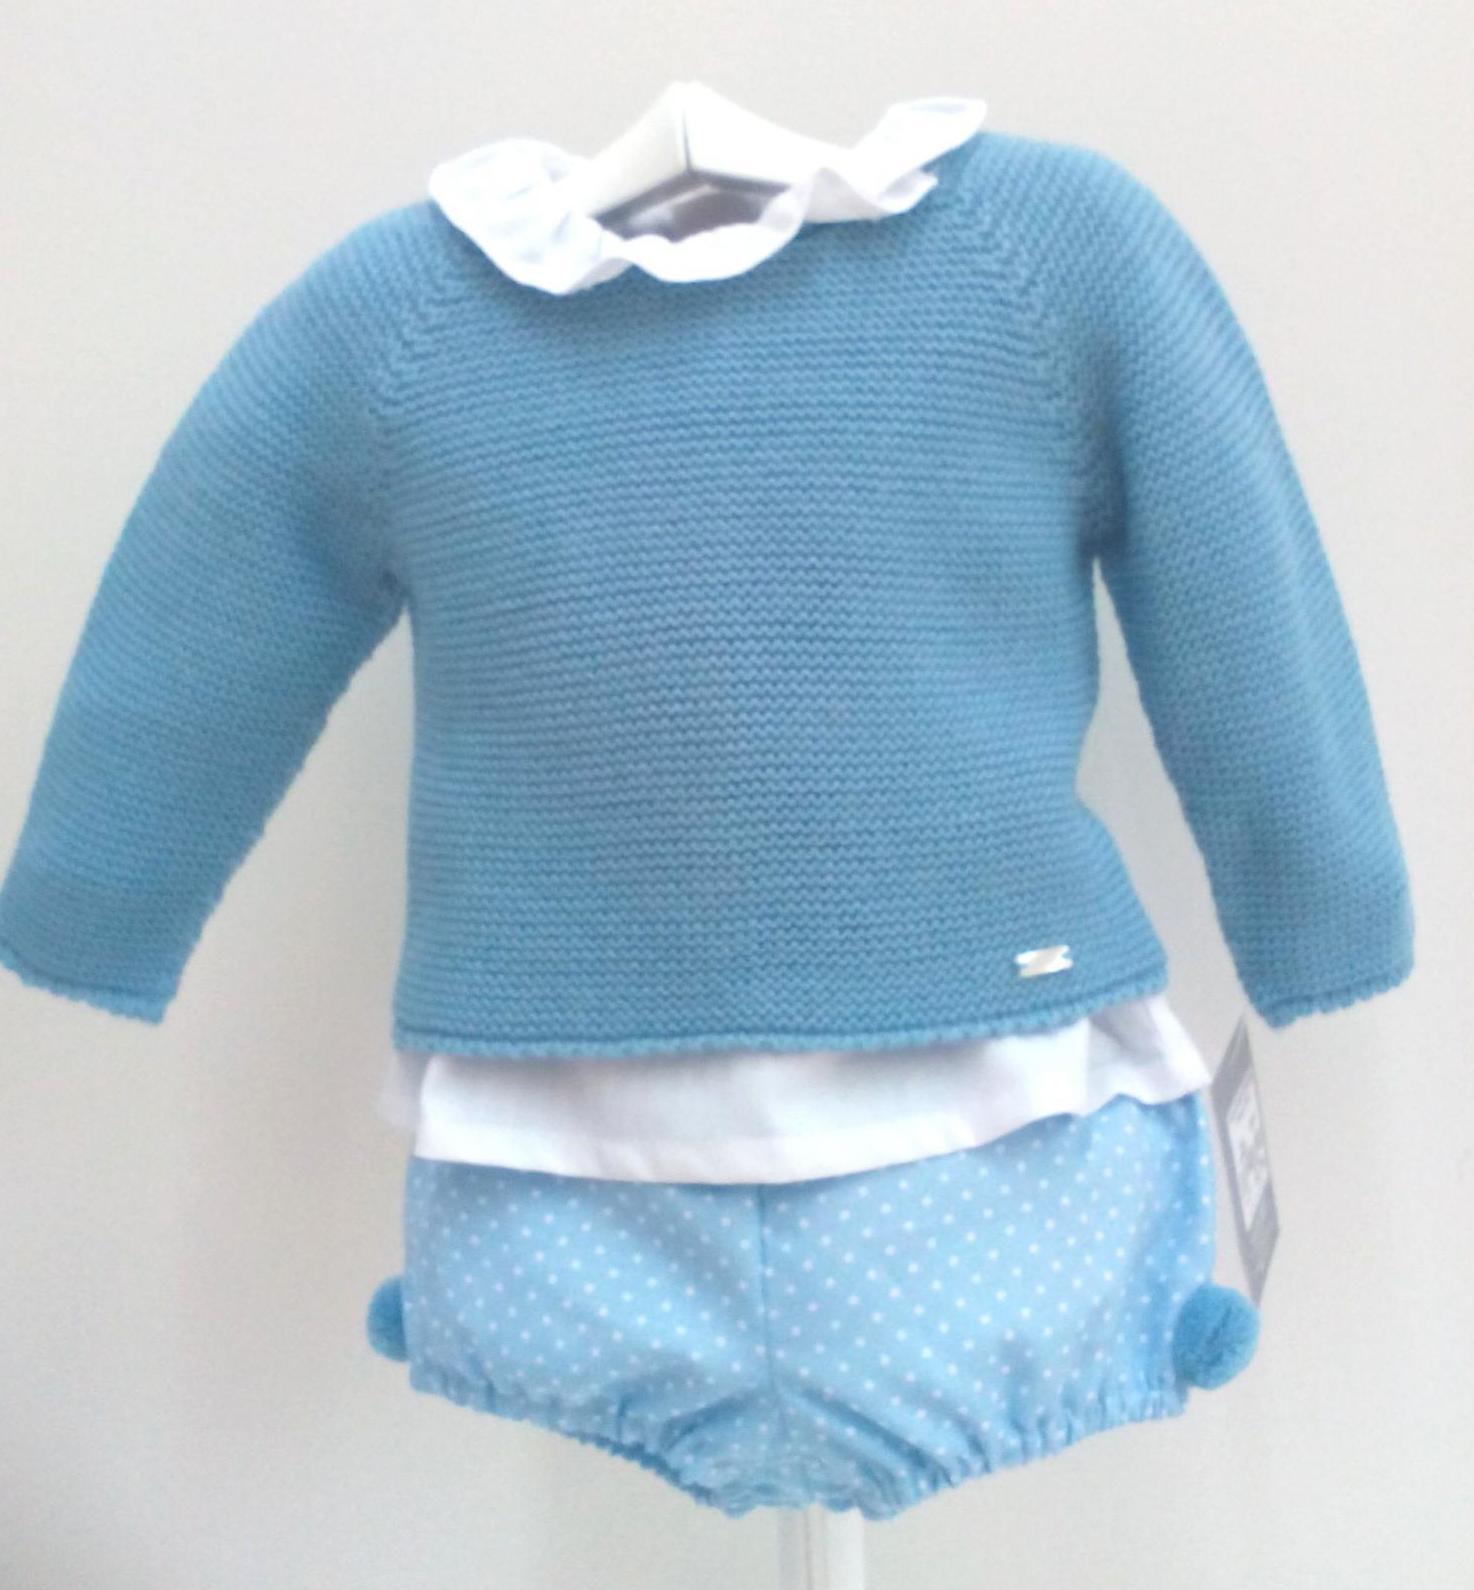 Conjunto de niño en azul empolvado de tres piezas de Yoedu